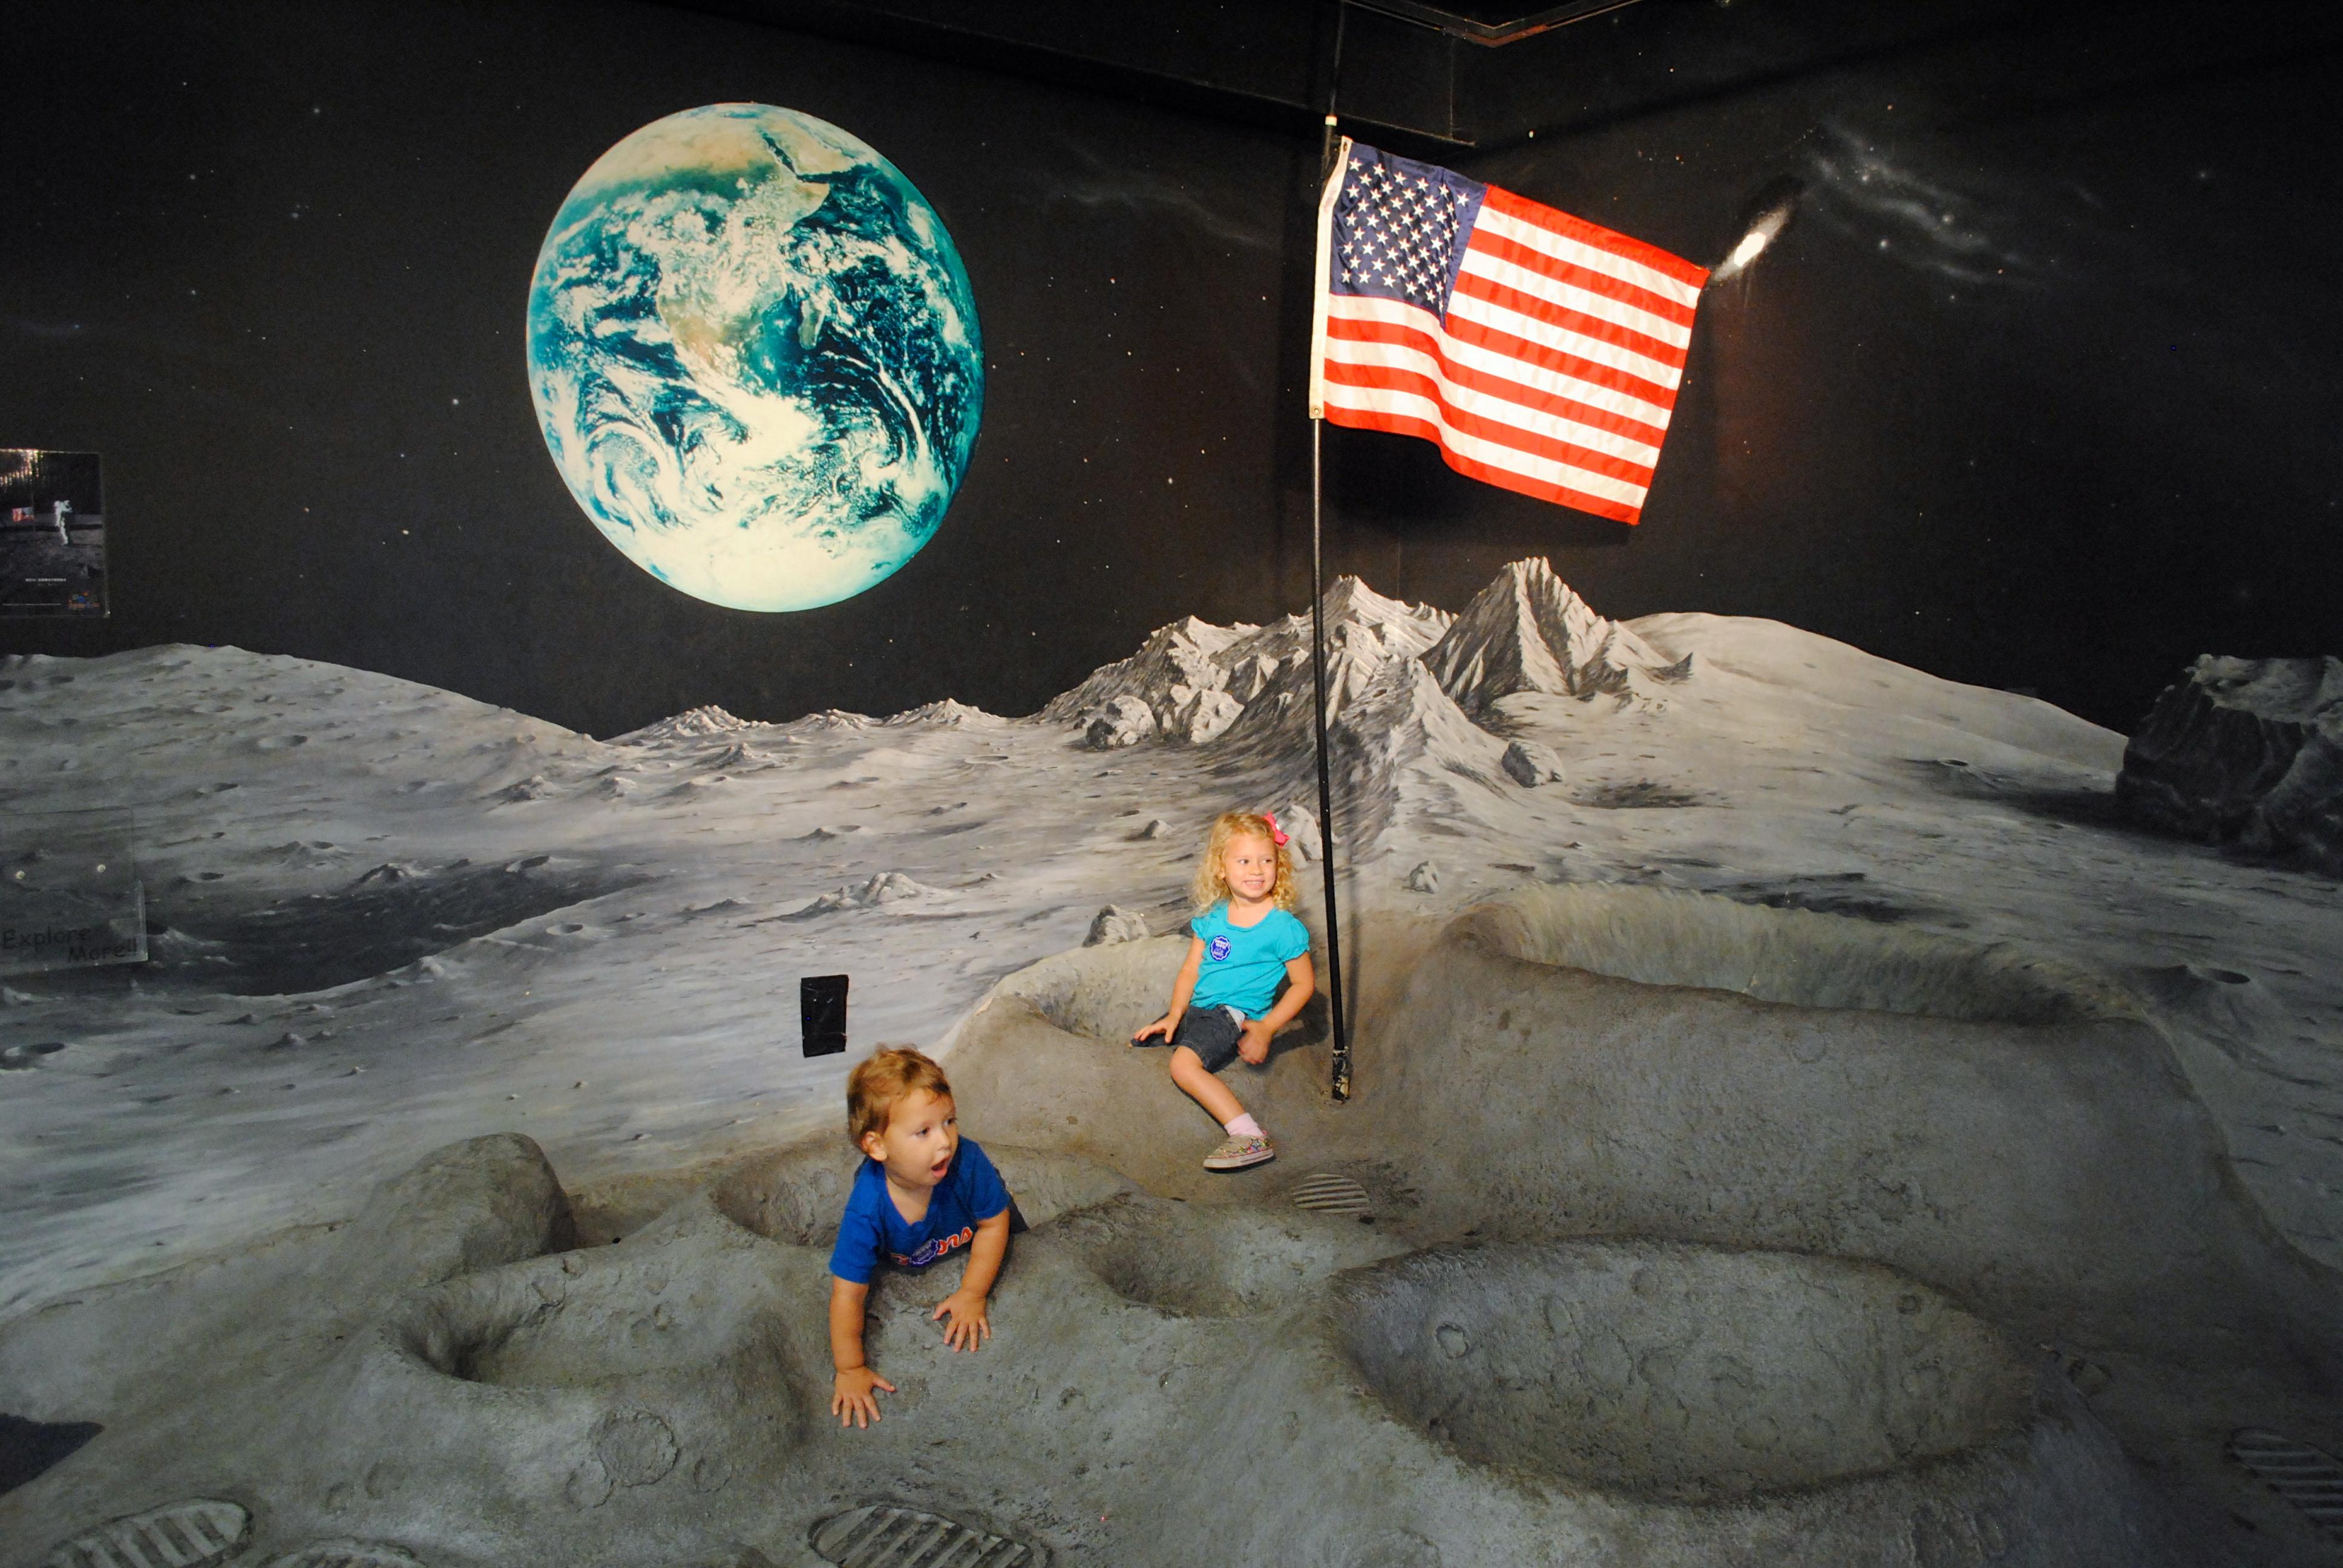 holiday family photo ideas - moon exploration Our Potluck Family